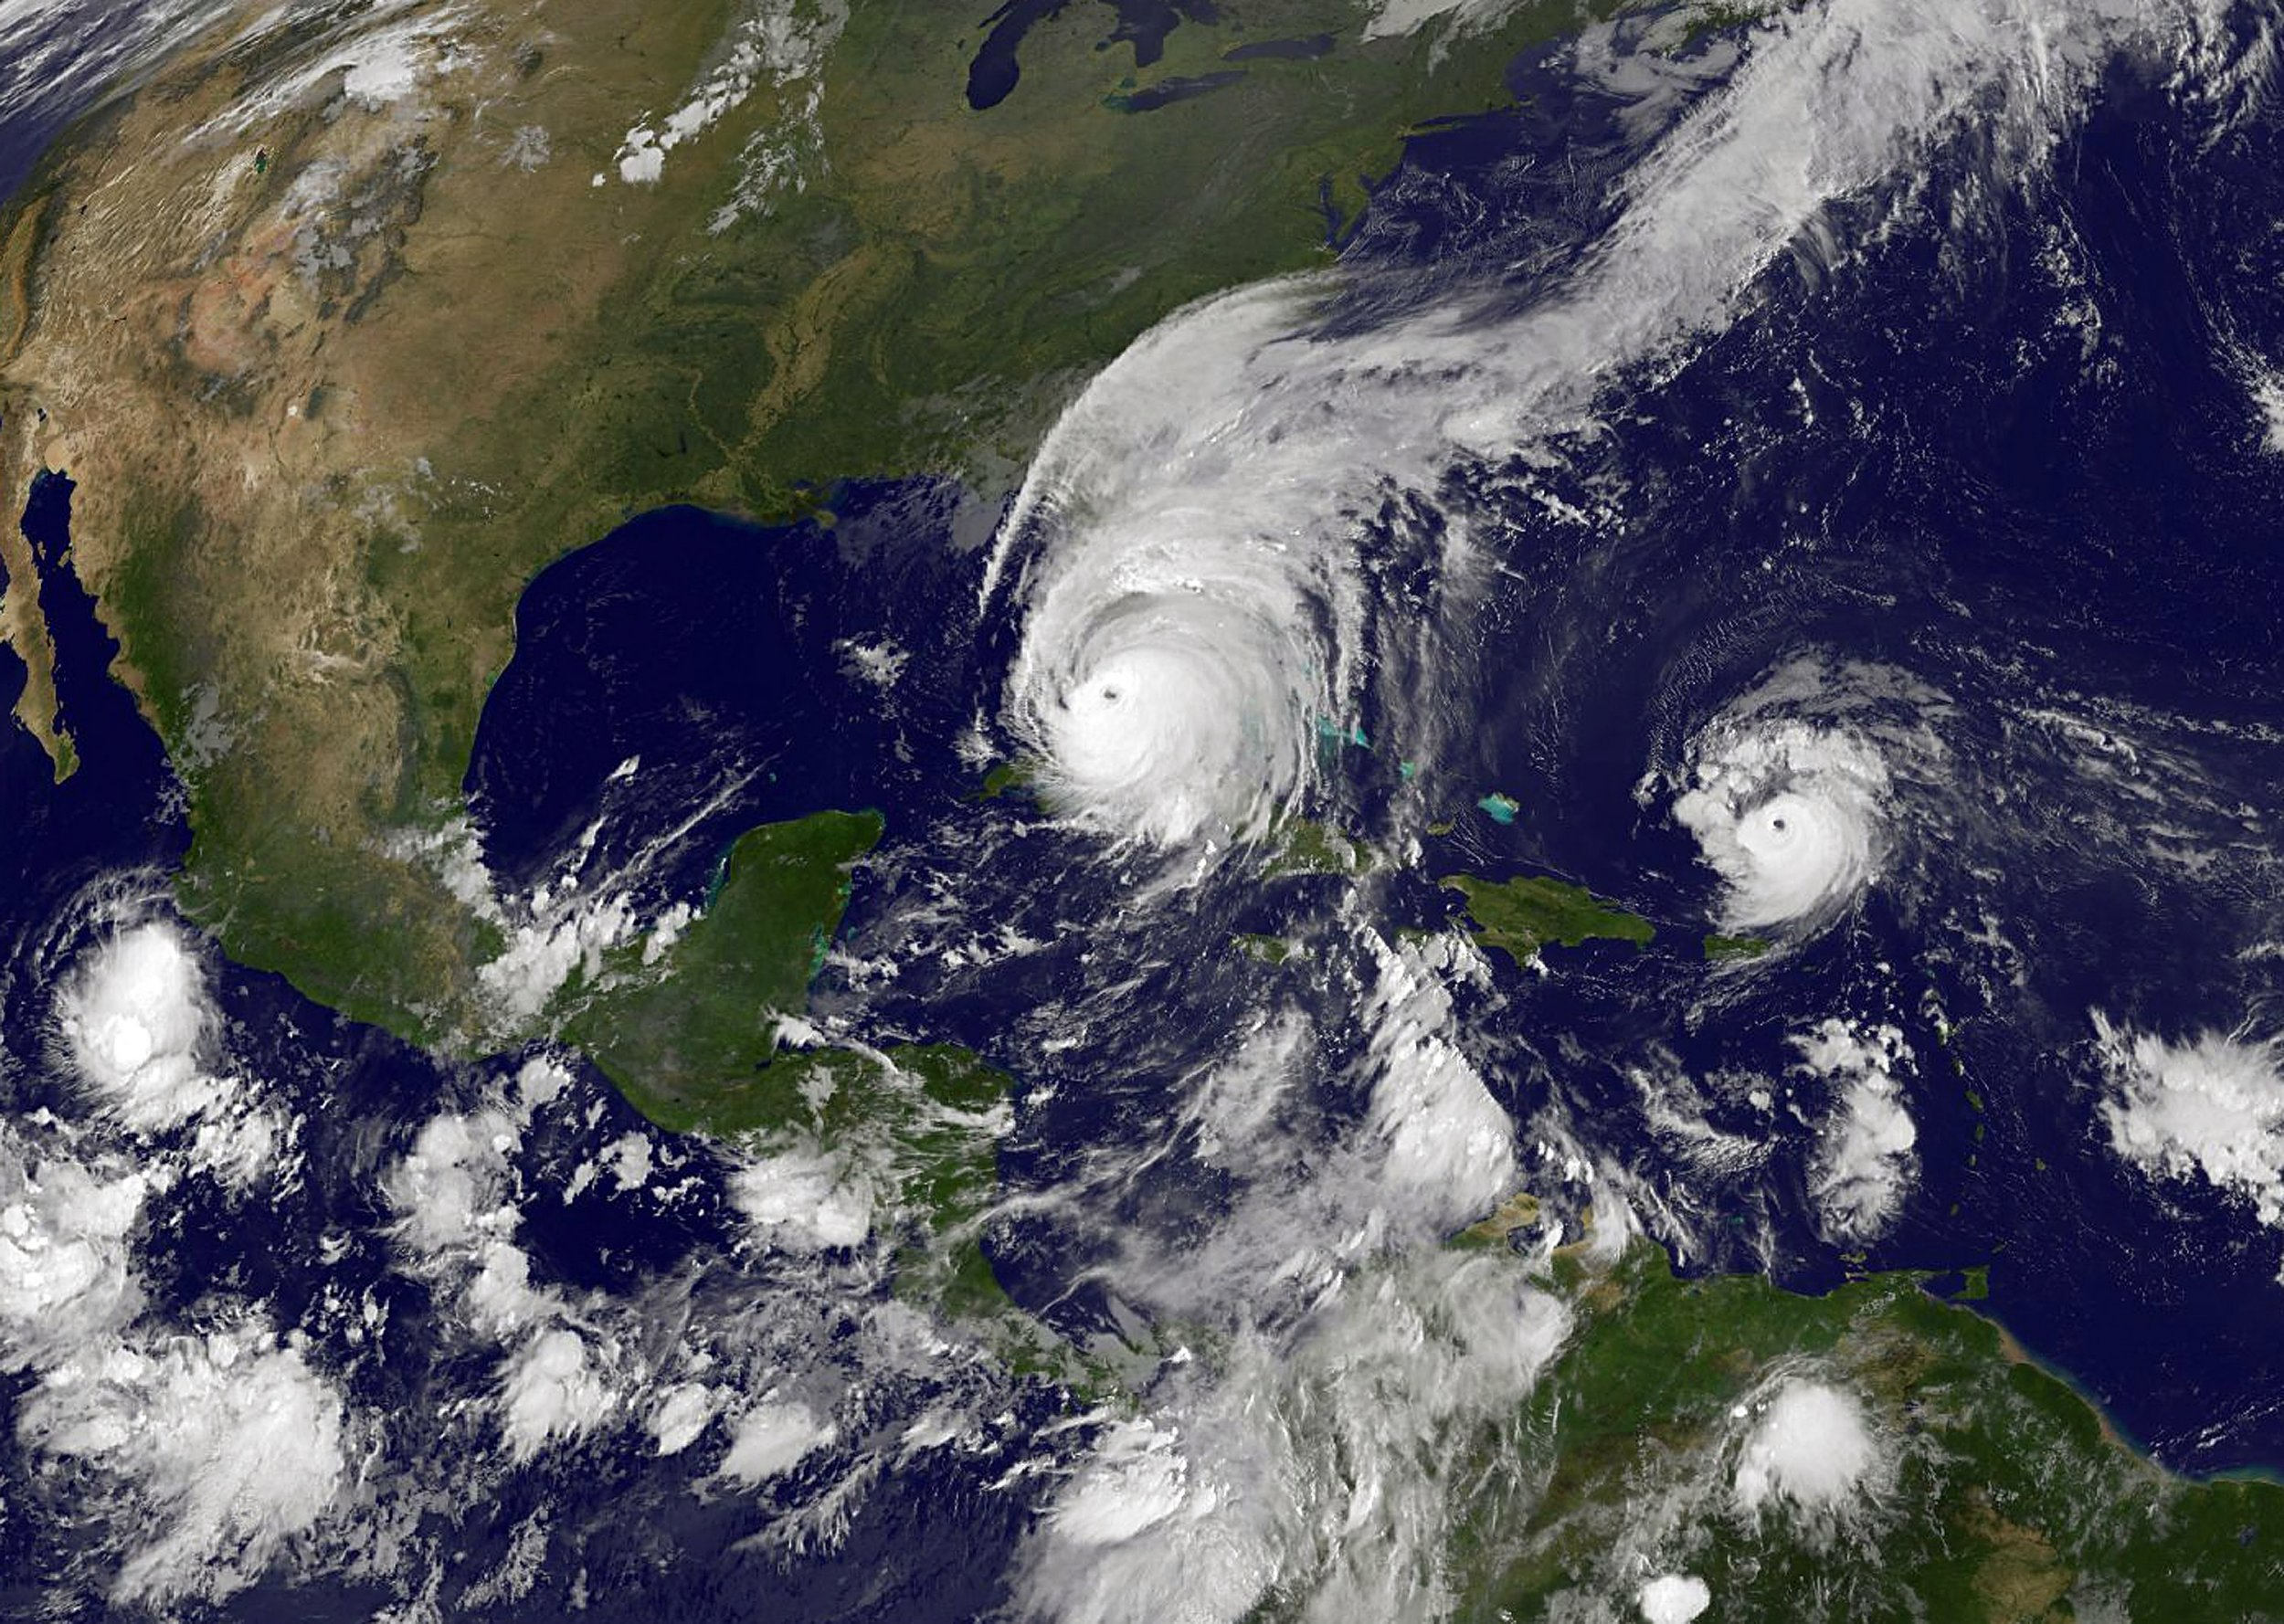 Hurricane Season 2018 Noaa Predicting Less Severe Season